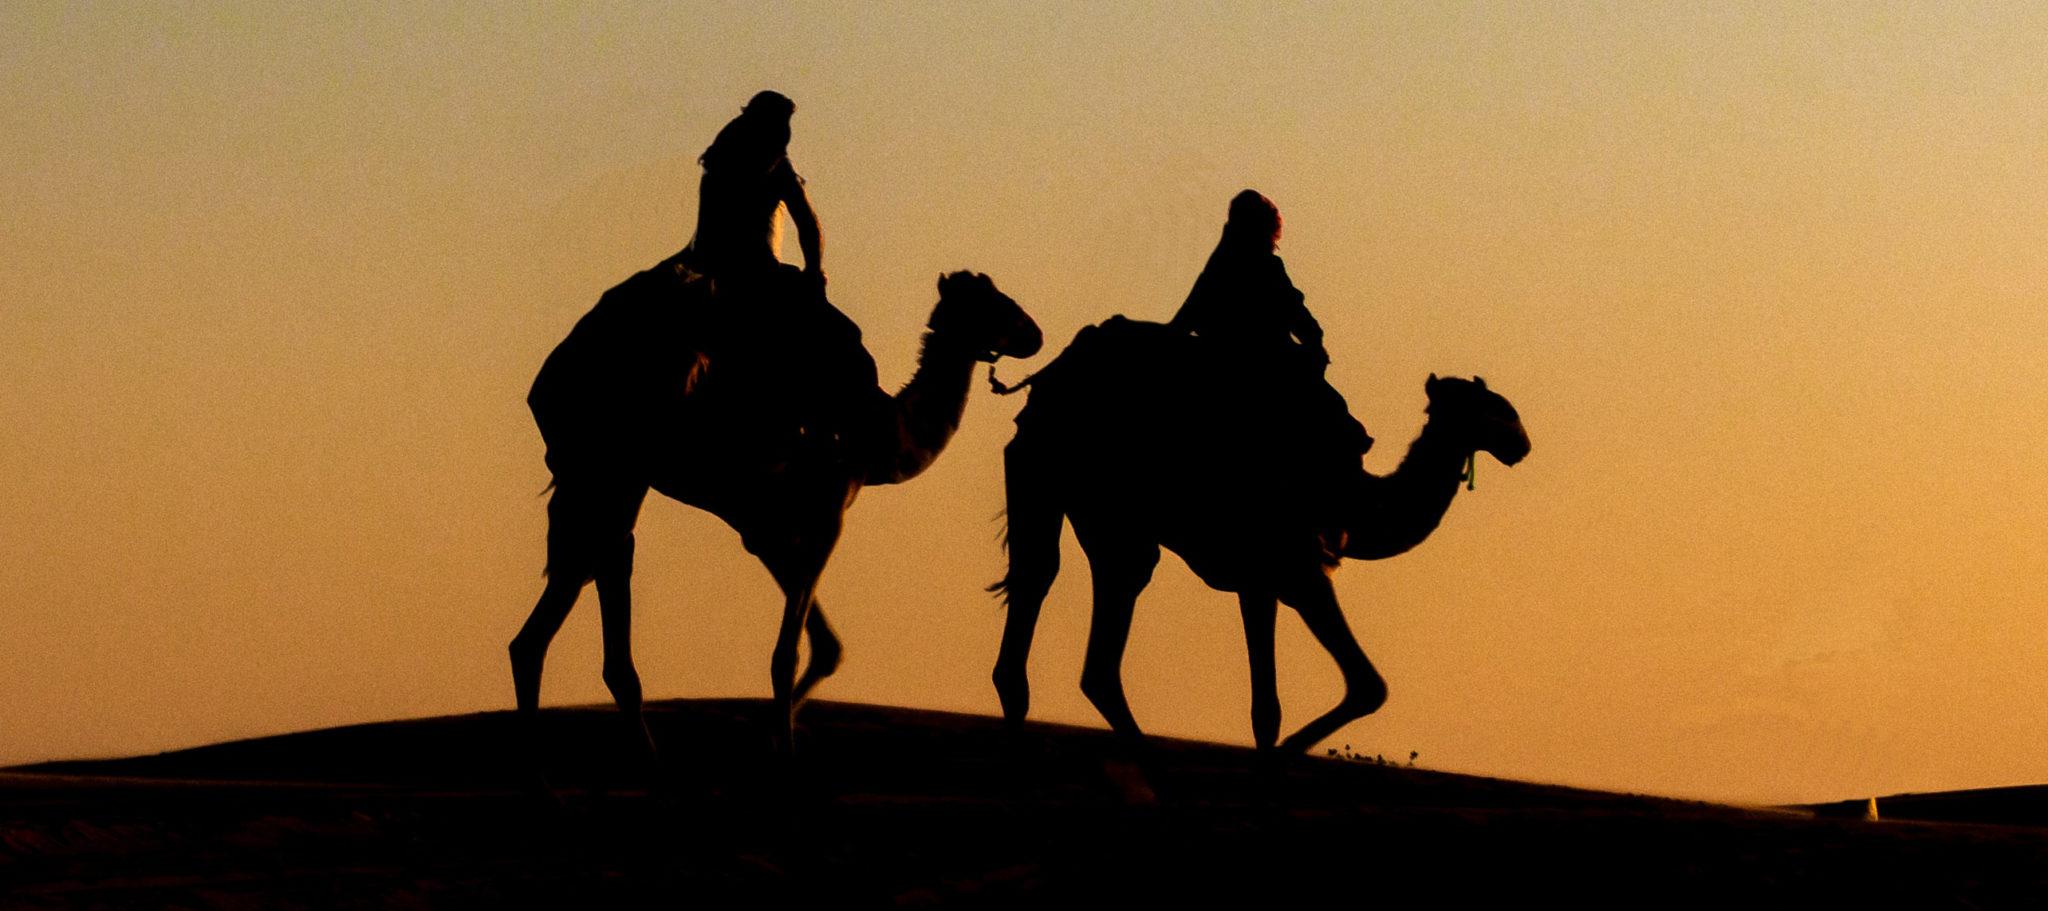 December 24: Journey to Bethlehem